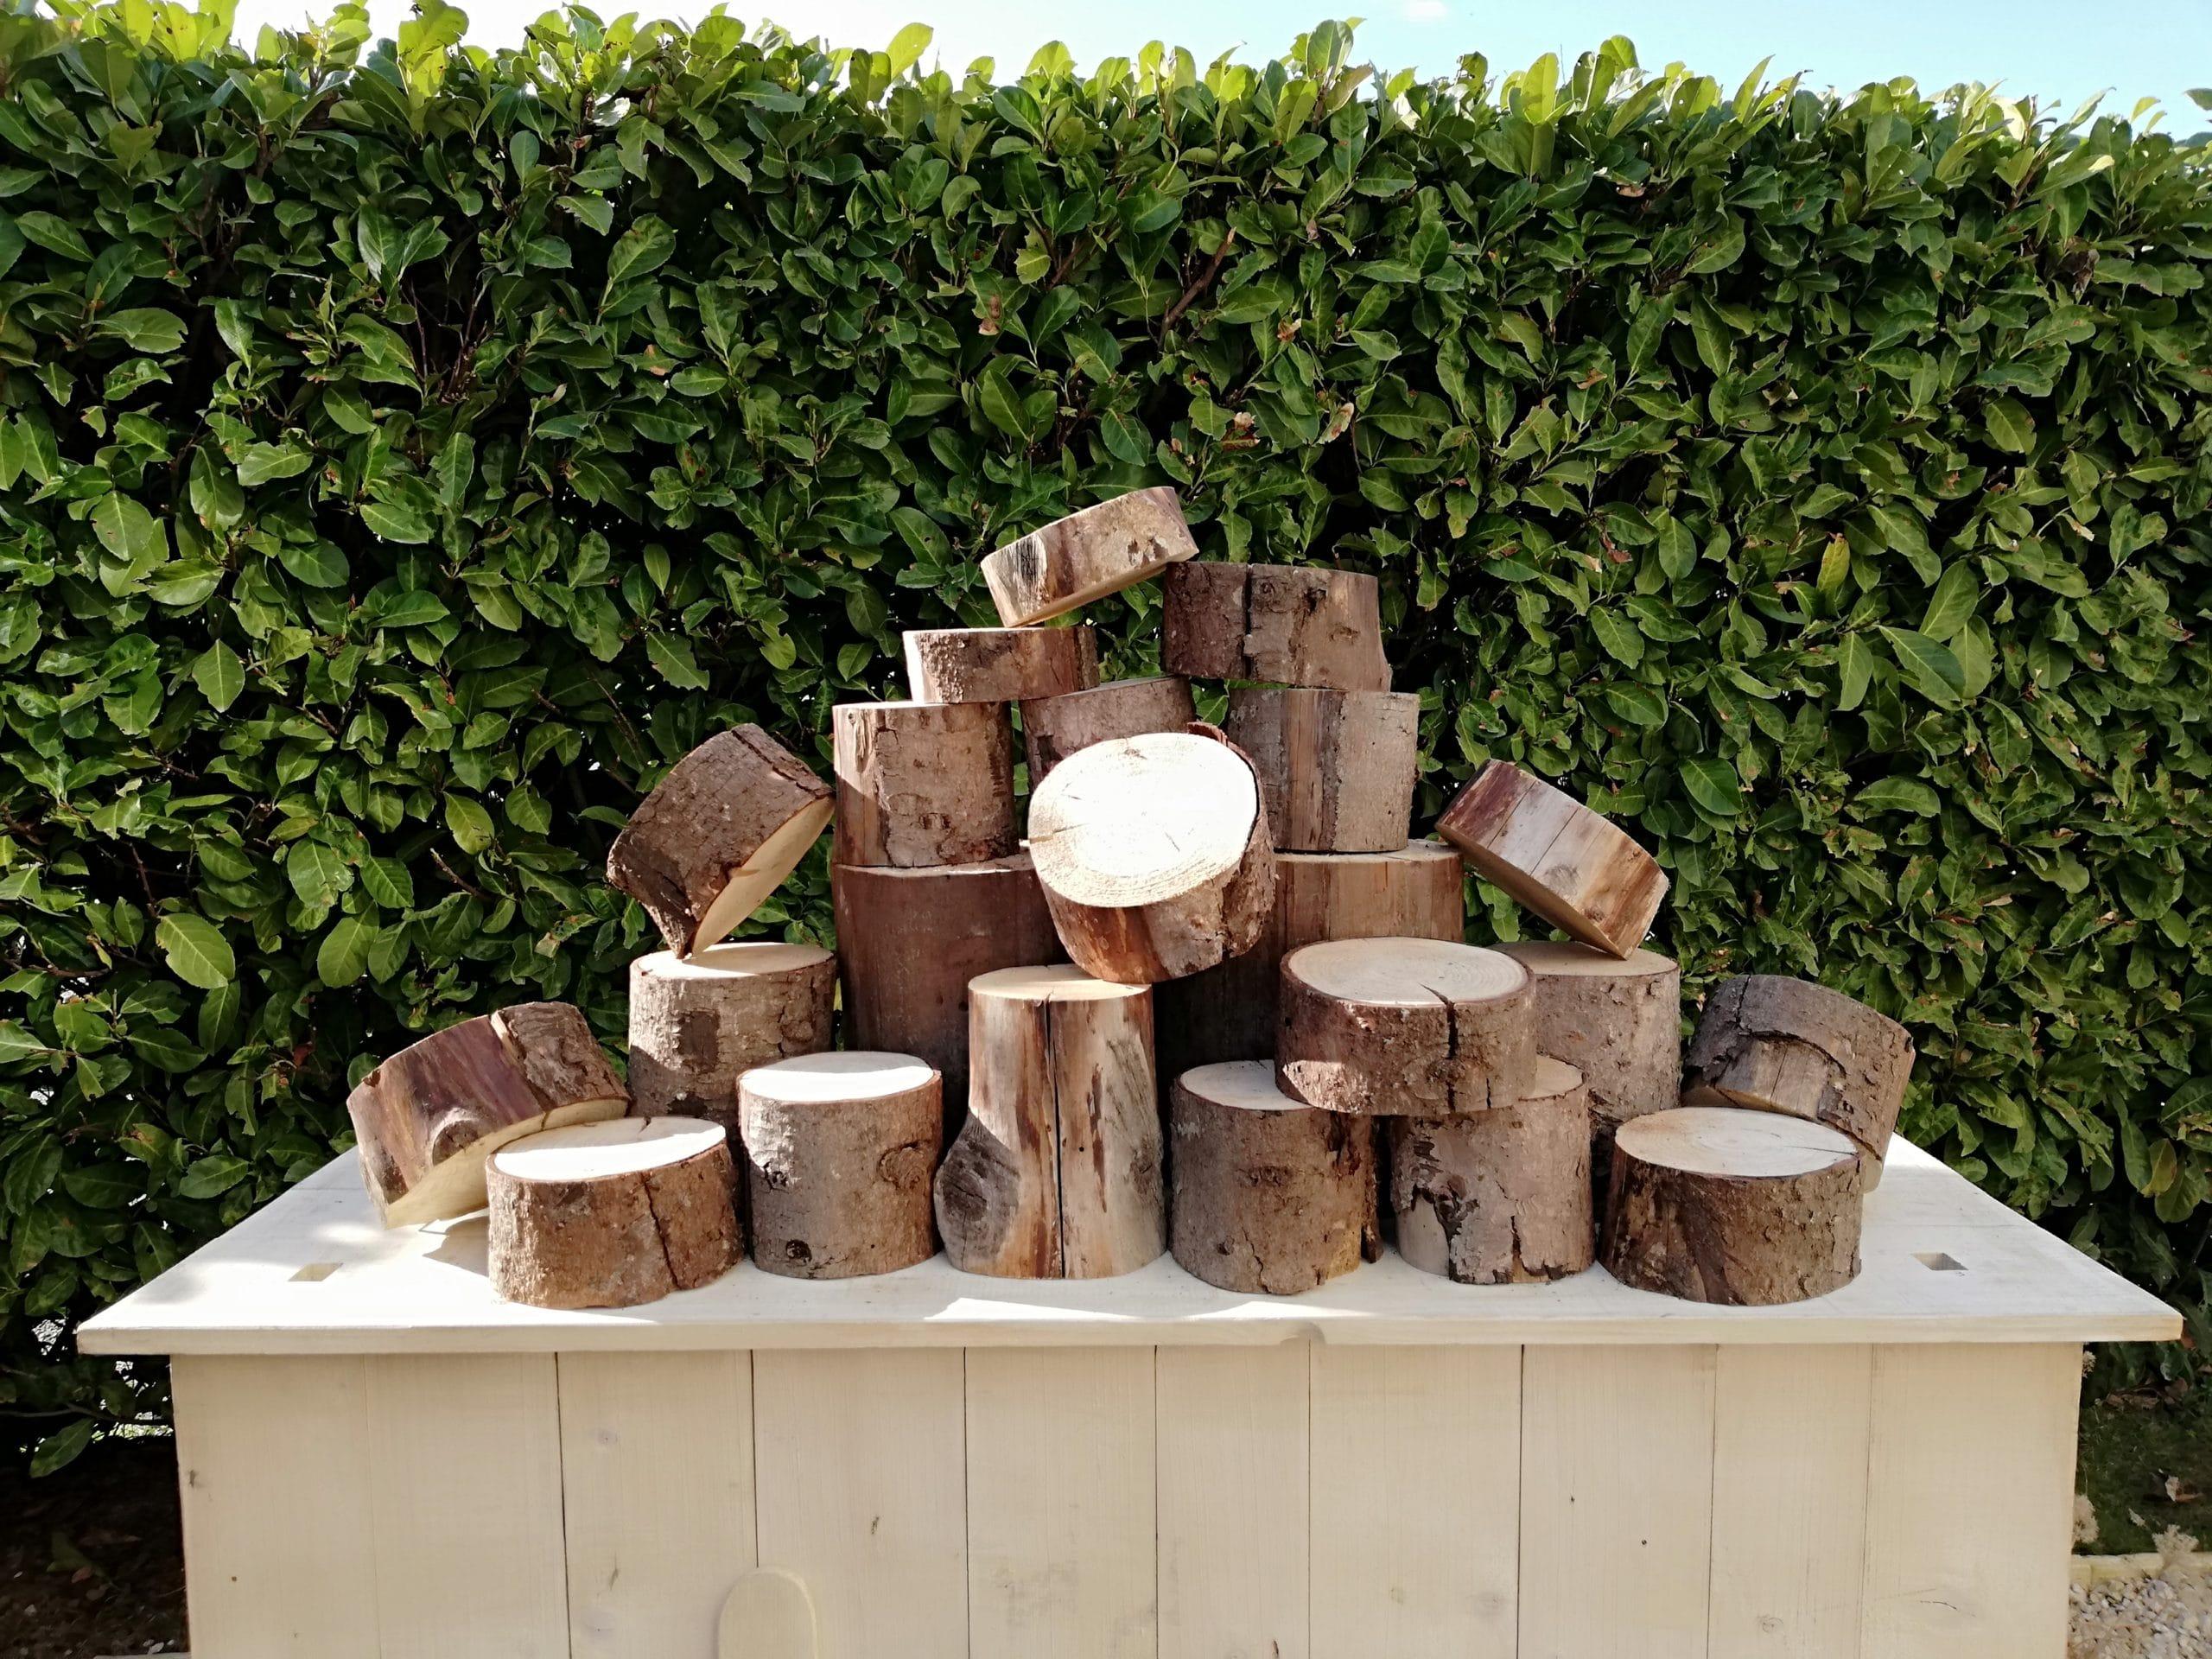 lot de rondins de bois de tailles différentes pour une décoration cmpêtre de votre évènement proposé à la location par esprit pop'up